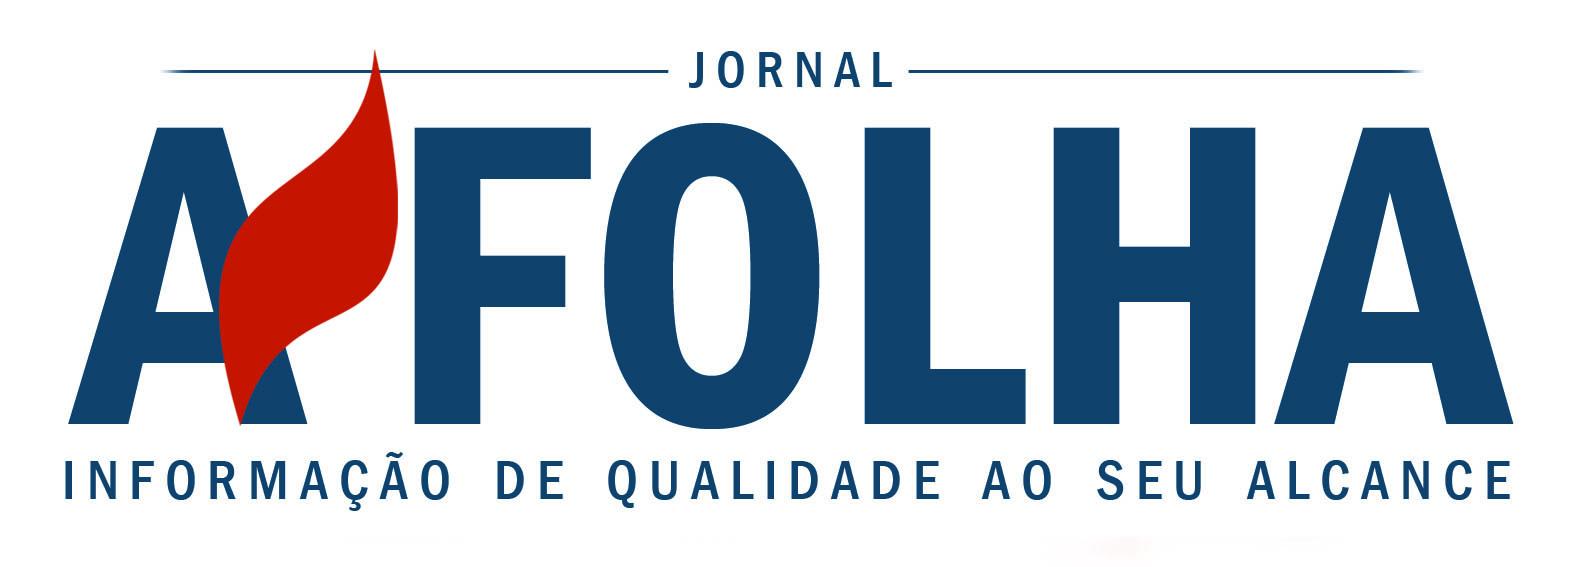 Jornal A Folha